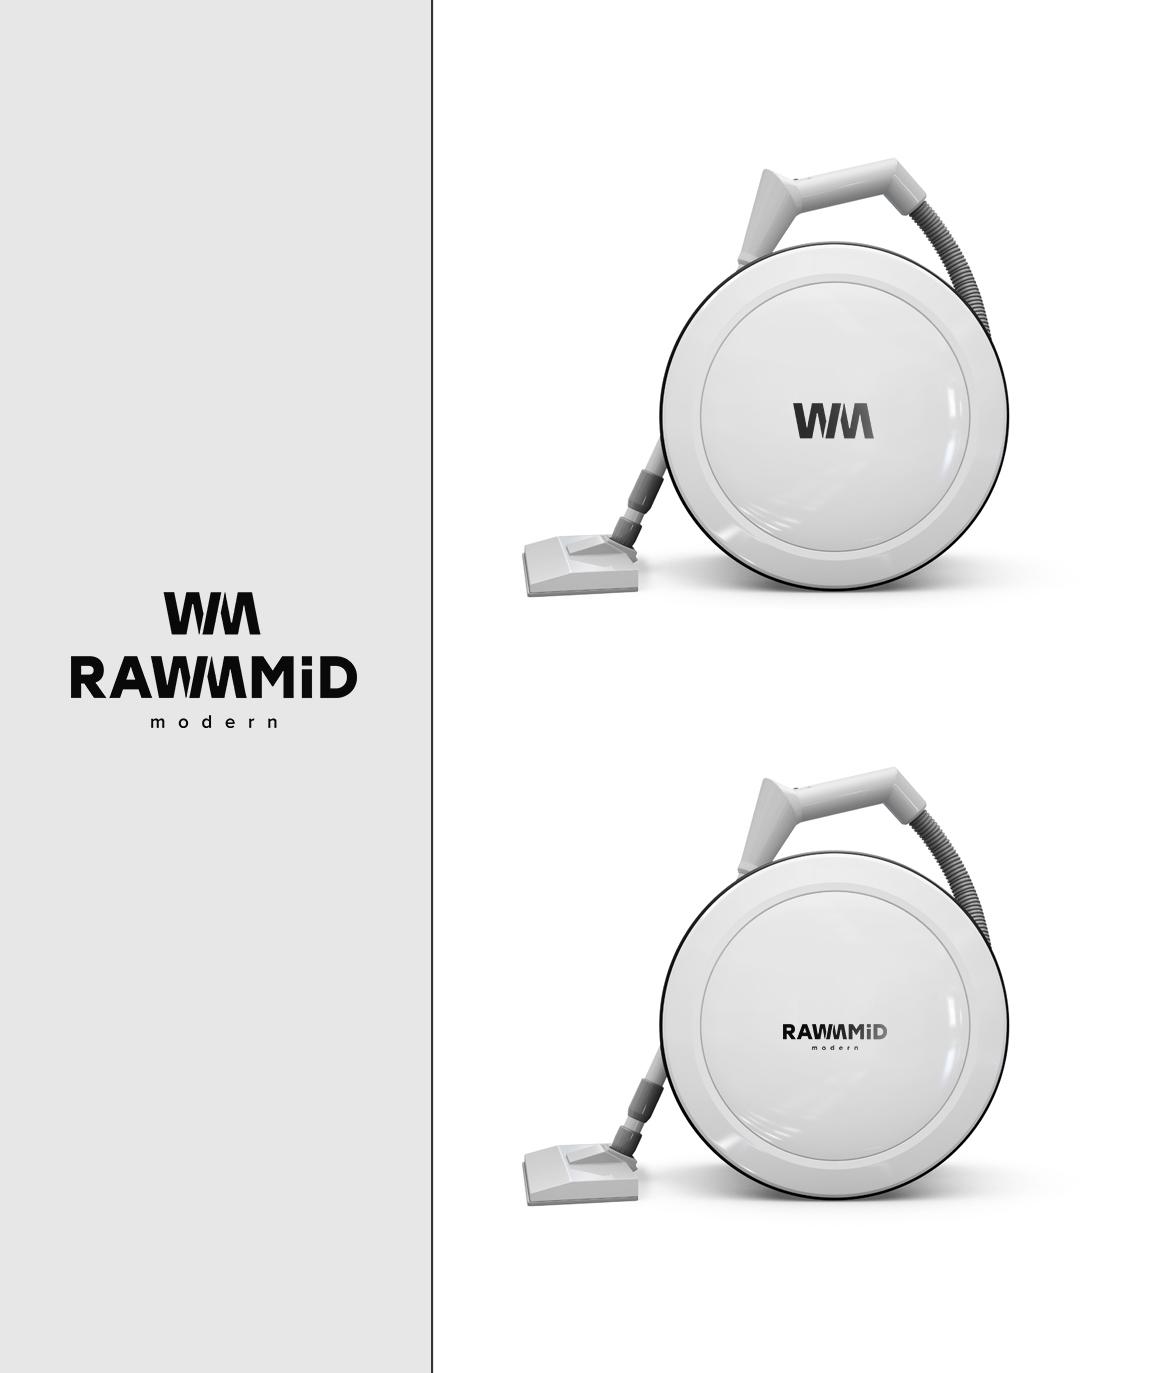 Создать логотип (буквенная часть) для бренда бытовой техники фото f_0055b349245e1aa2.jpg